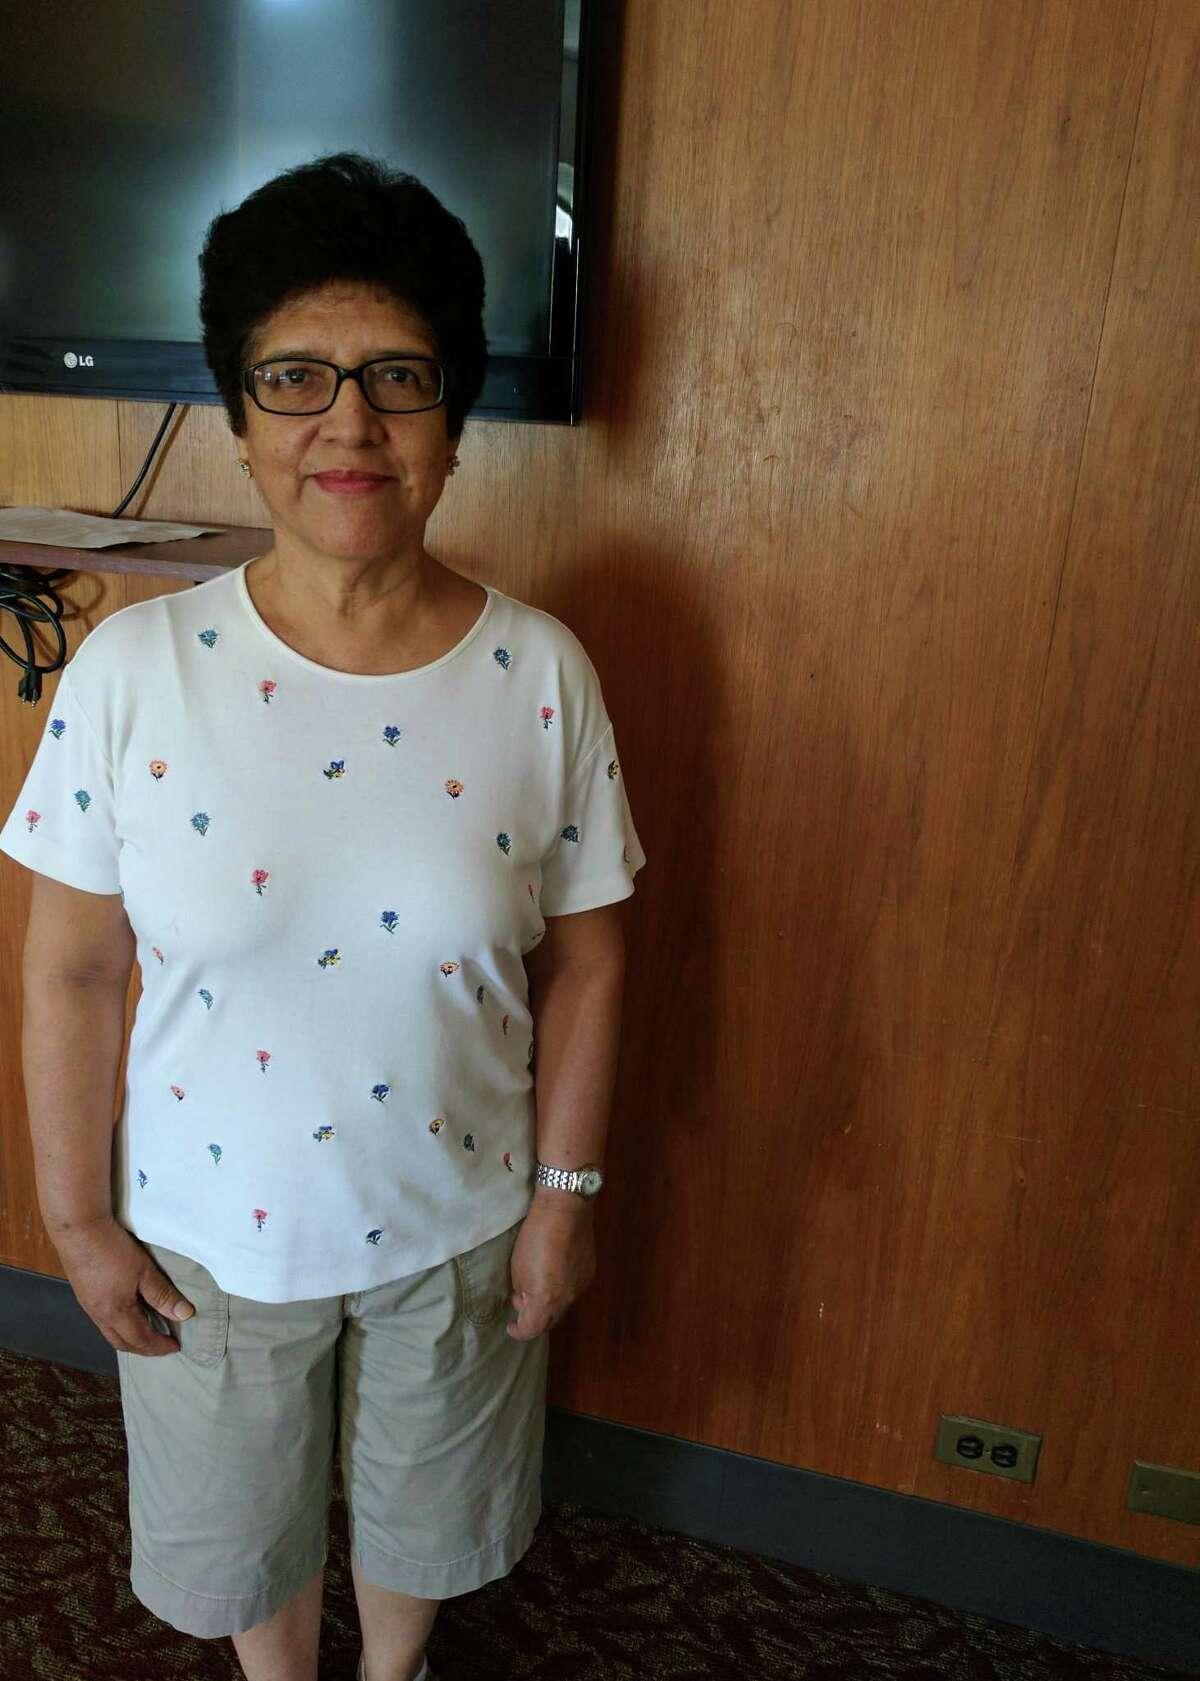 Lucila Huerta, 78, vino de la Cordillera Blanca en Peru con la intencion de ver si se podria encontrar un medico. Ella quieria una operacion para repararse la cadera fracturada y deslocada, que era asi hace 70 anos.